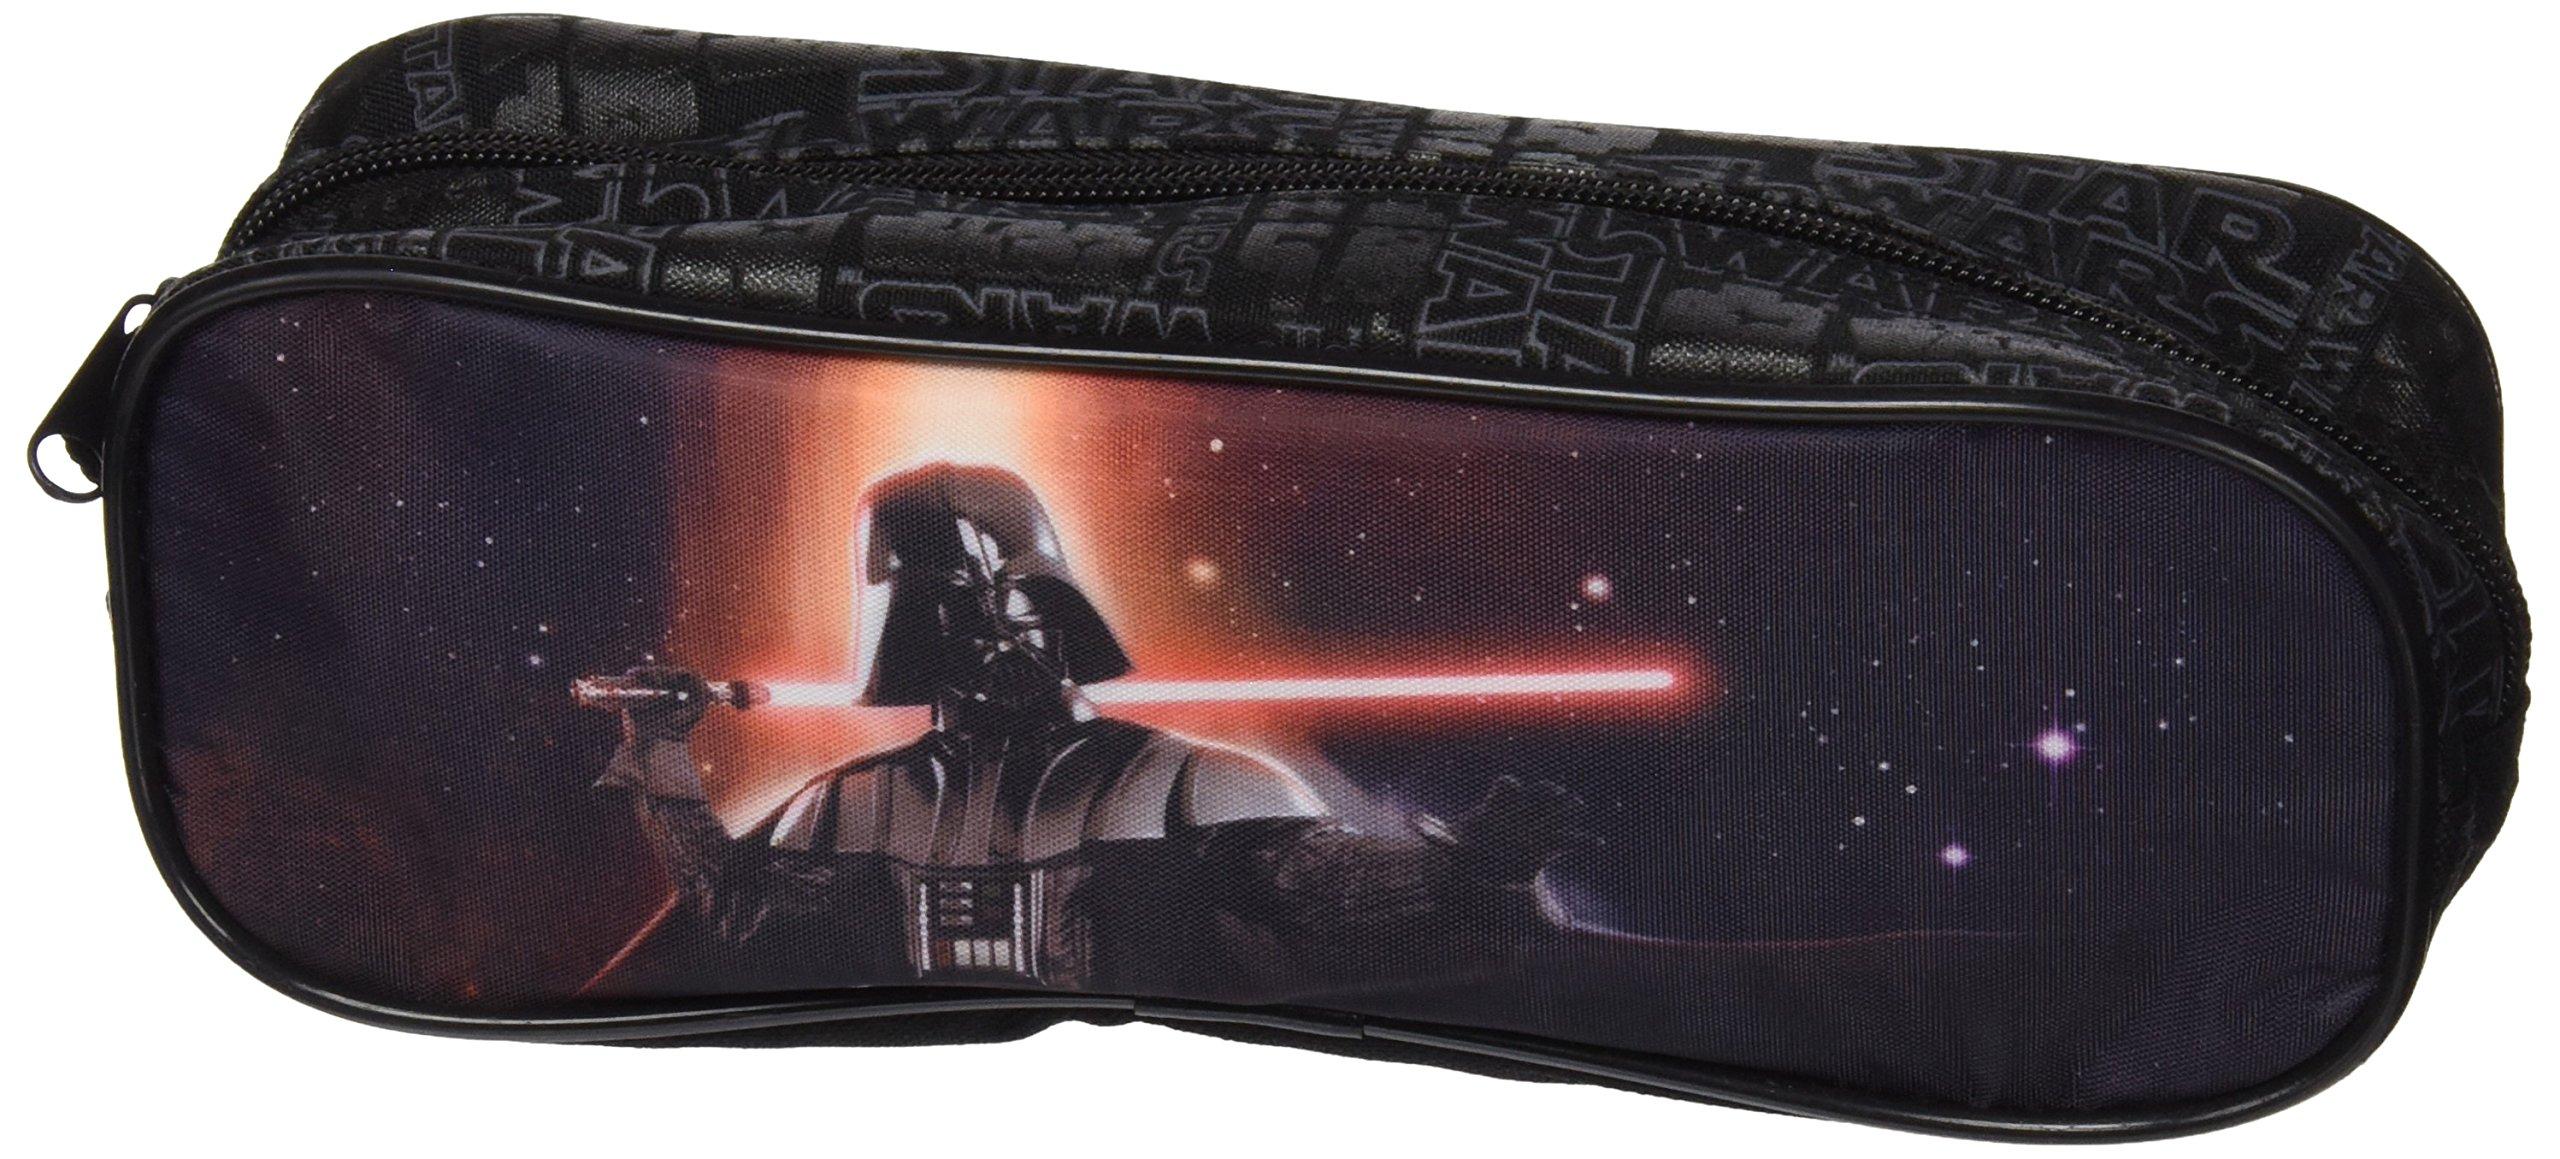 PERLETTI 13800 Estuche Escolar Niño Star Wars – Bolsa para Lapices Estampado Darth Vader – Neceser Portatodo Escuela…